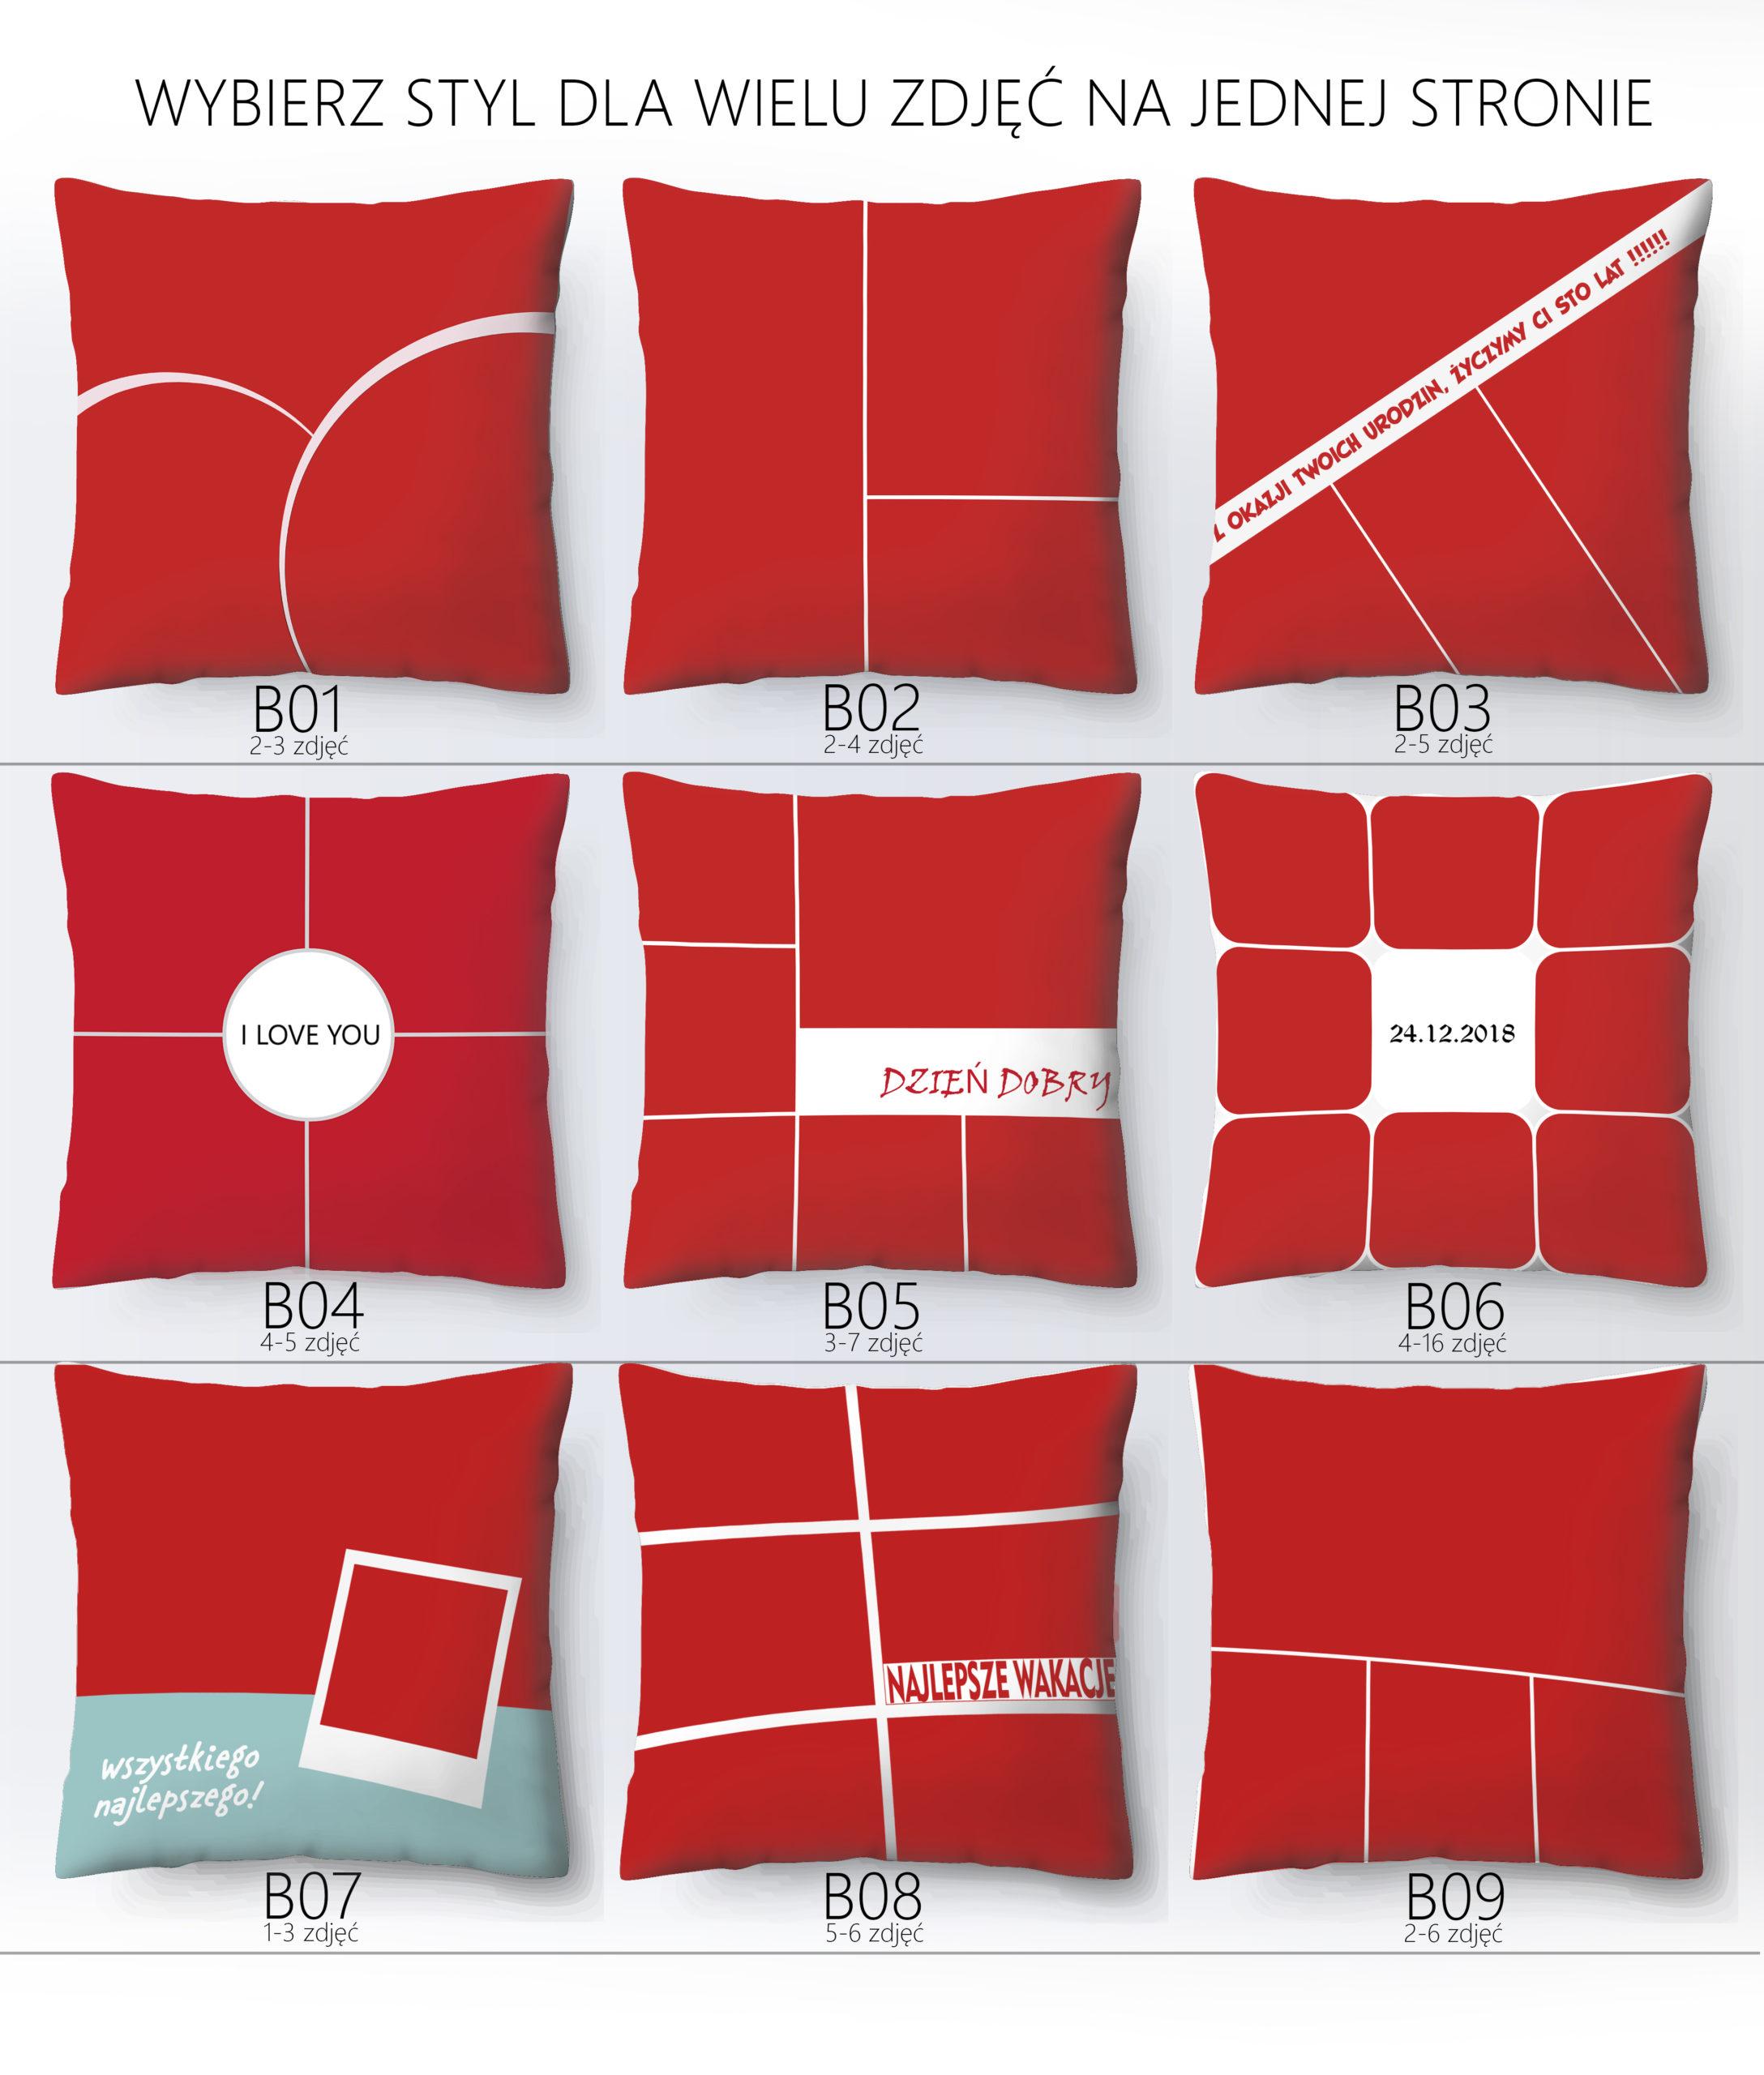 Poduszka ze zdjęciem ILUMINACYJNA - styl dla wielu zdjęć